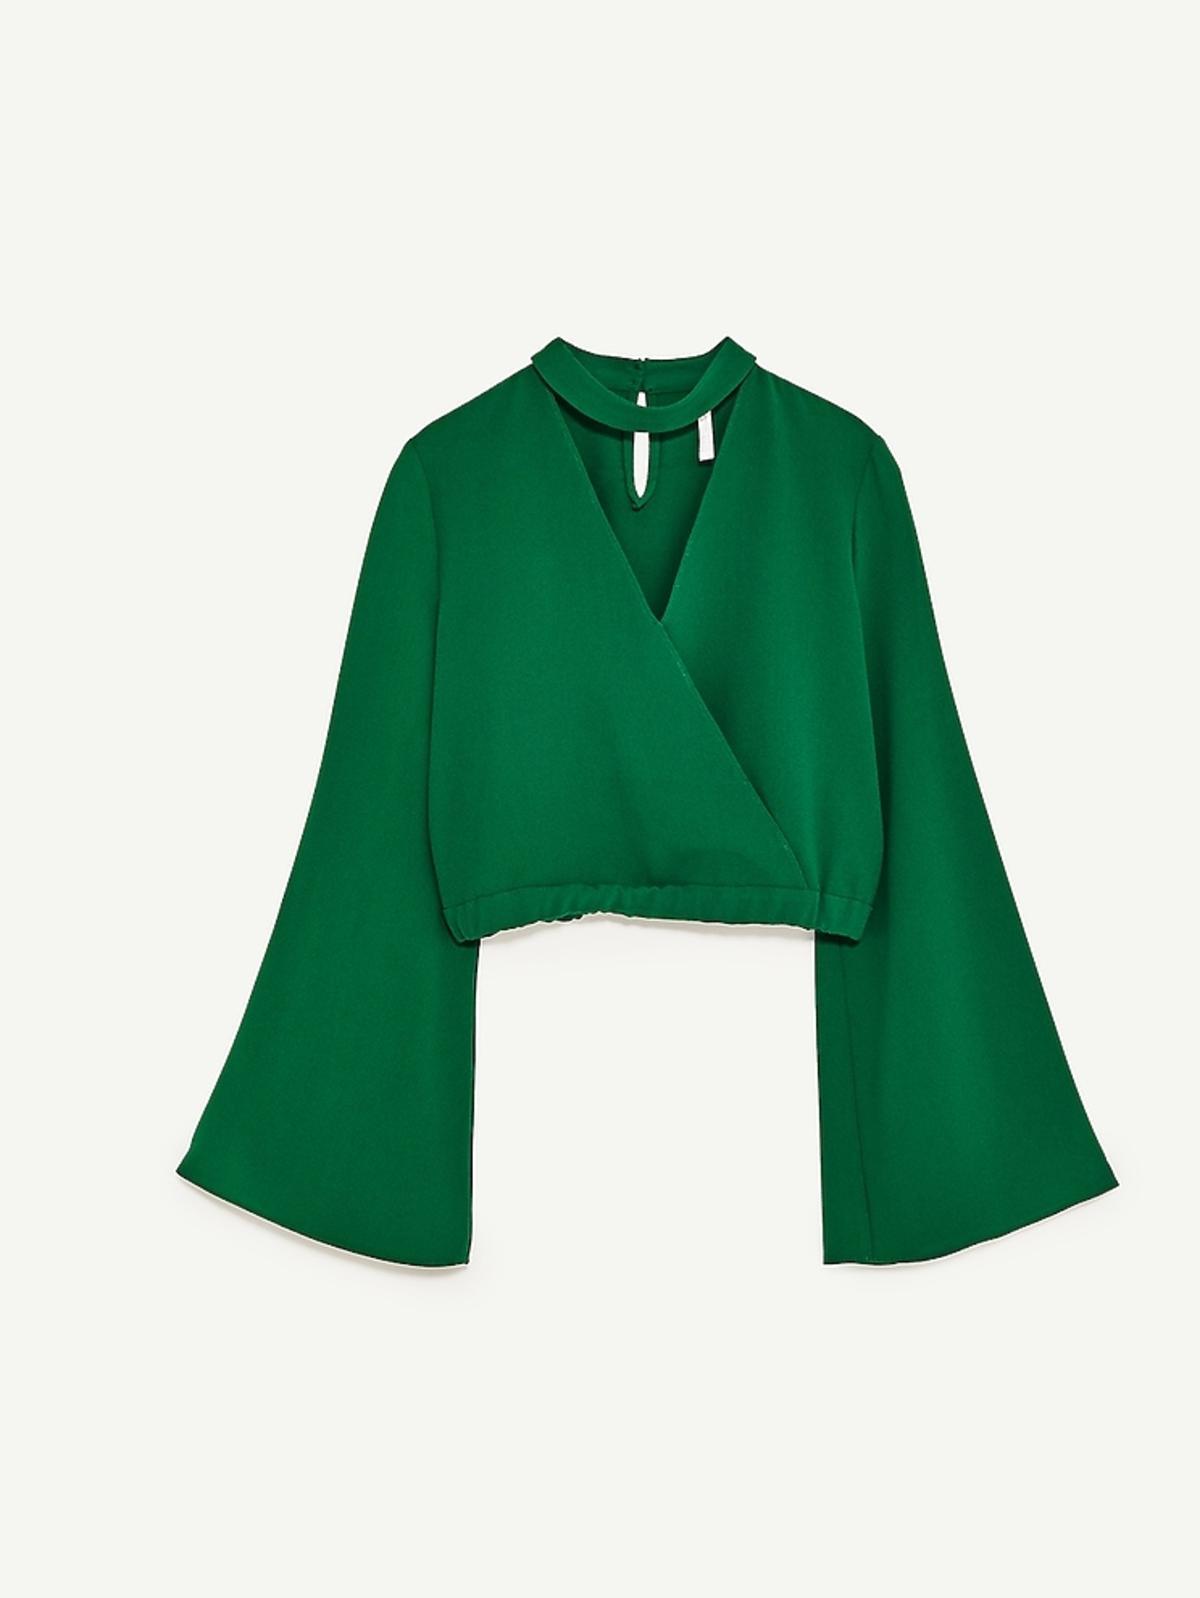 Bluzka z szerokimi rękawami Zara, 89,90 zł